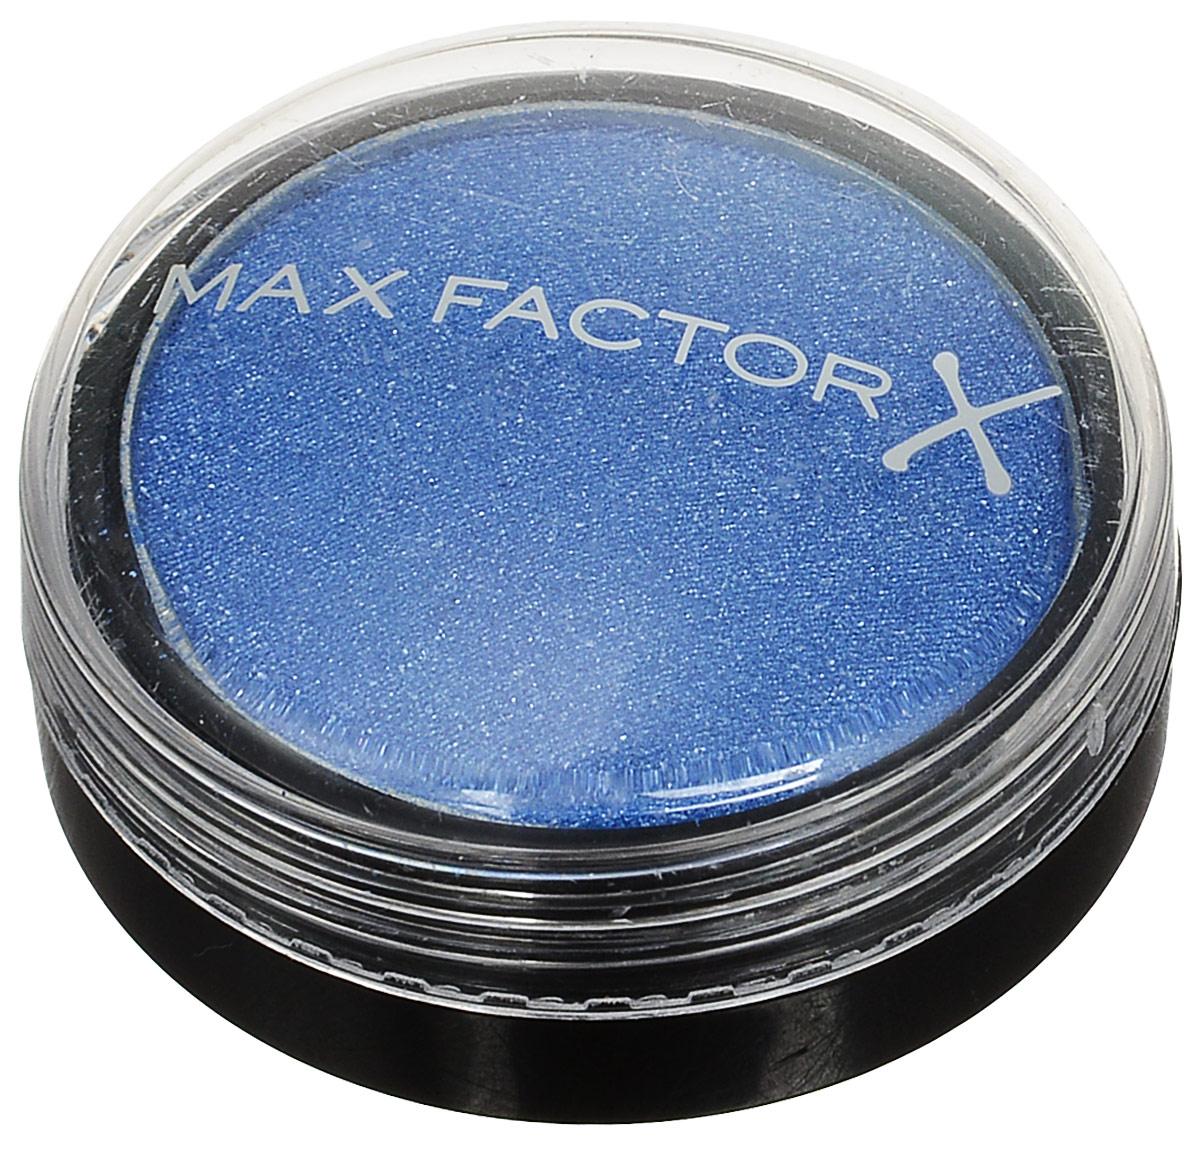 Max Factor Тени Одноцветные Wild Shadow Pots Eyeshadow 45 тон sapphire rage 2 гр81411281Приготовься к диким экспериментам с цветом! Эти высокопигментные тени подарят тебе по-настоящему ошеломительный взгляд. •Высокопигментный цвет •16 ошеломительных насыщенных оттенков •Наноси влажной кисточкой для более интенсивного цвета •Легко растушевываются и смешиваются. Бесконечный простор для экспериментов!